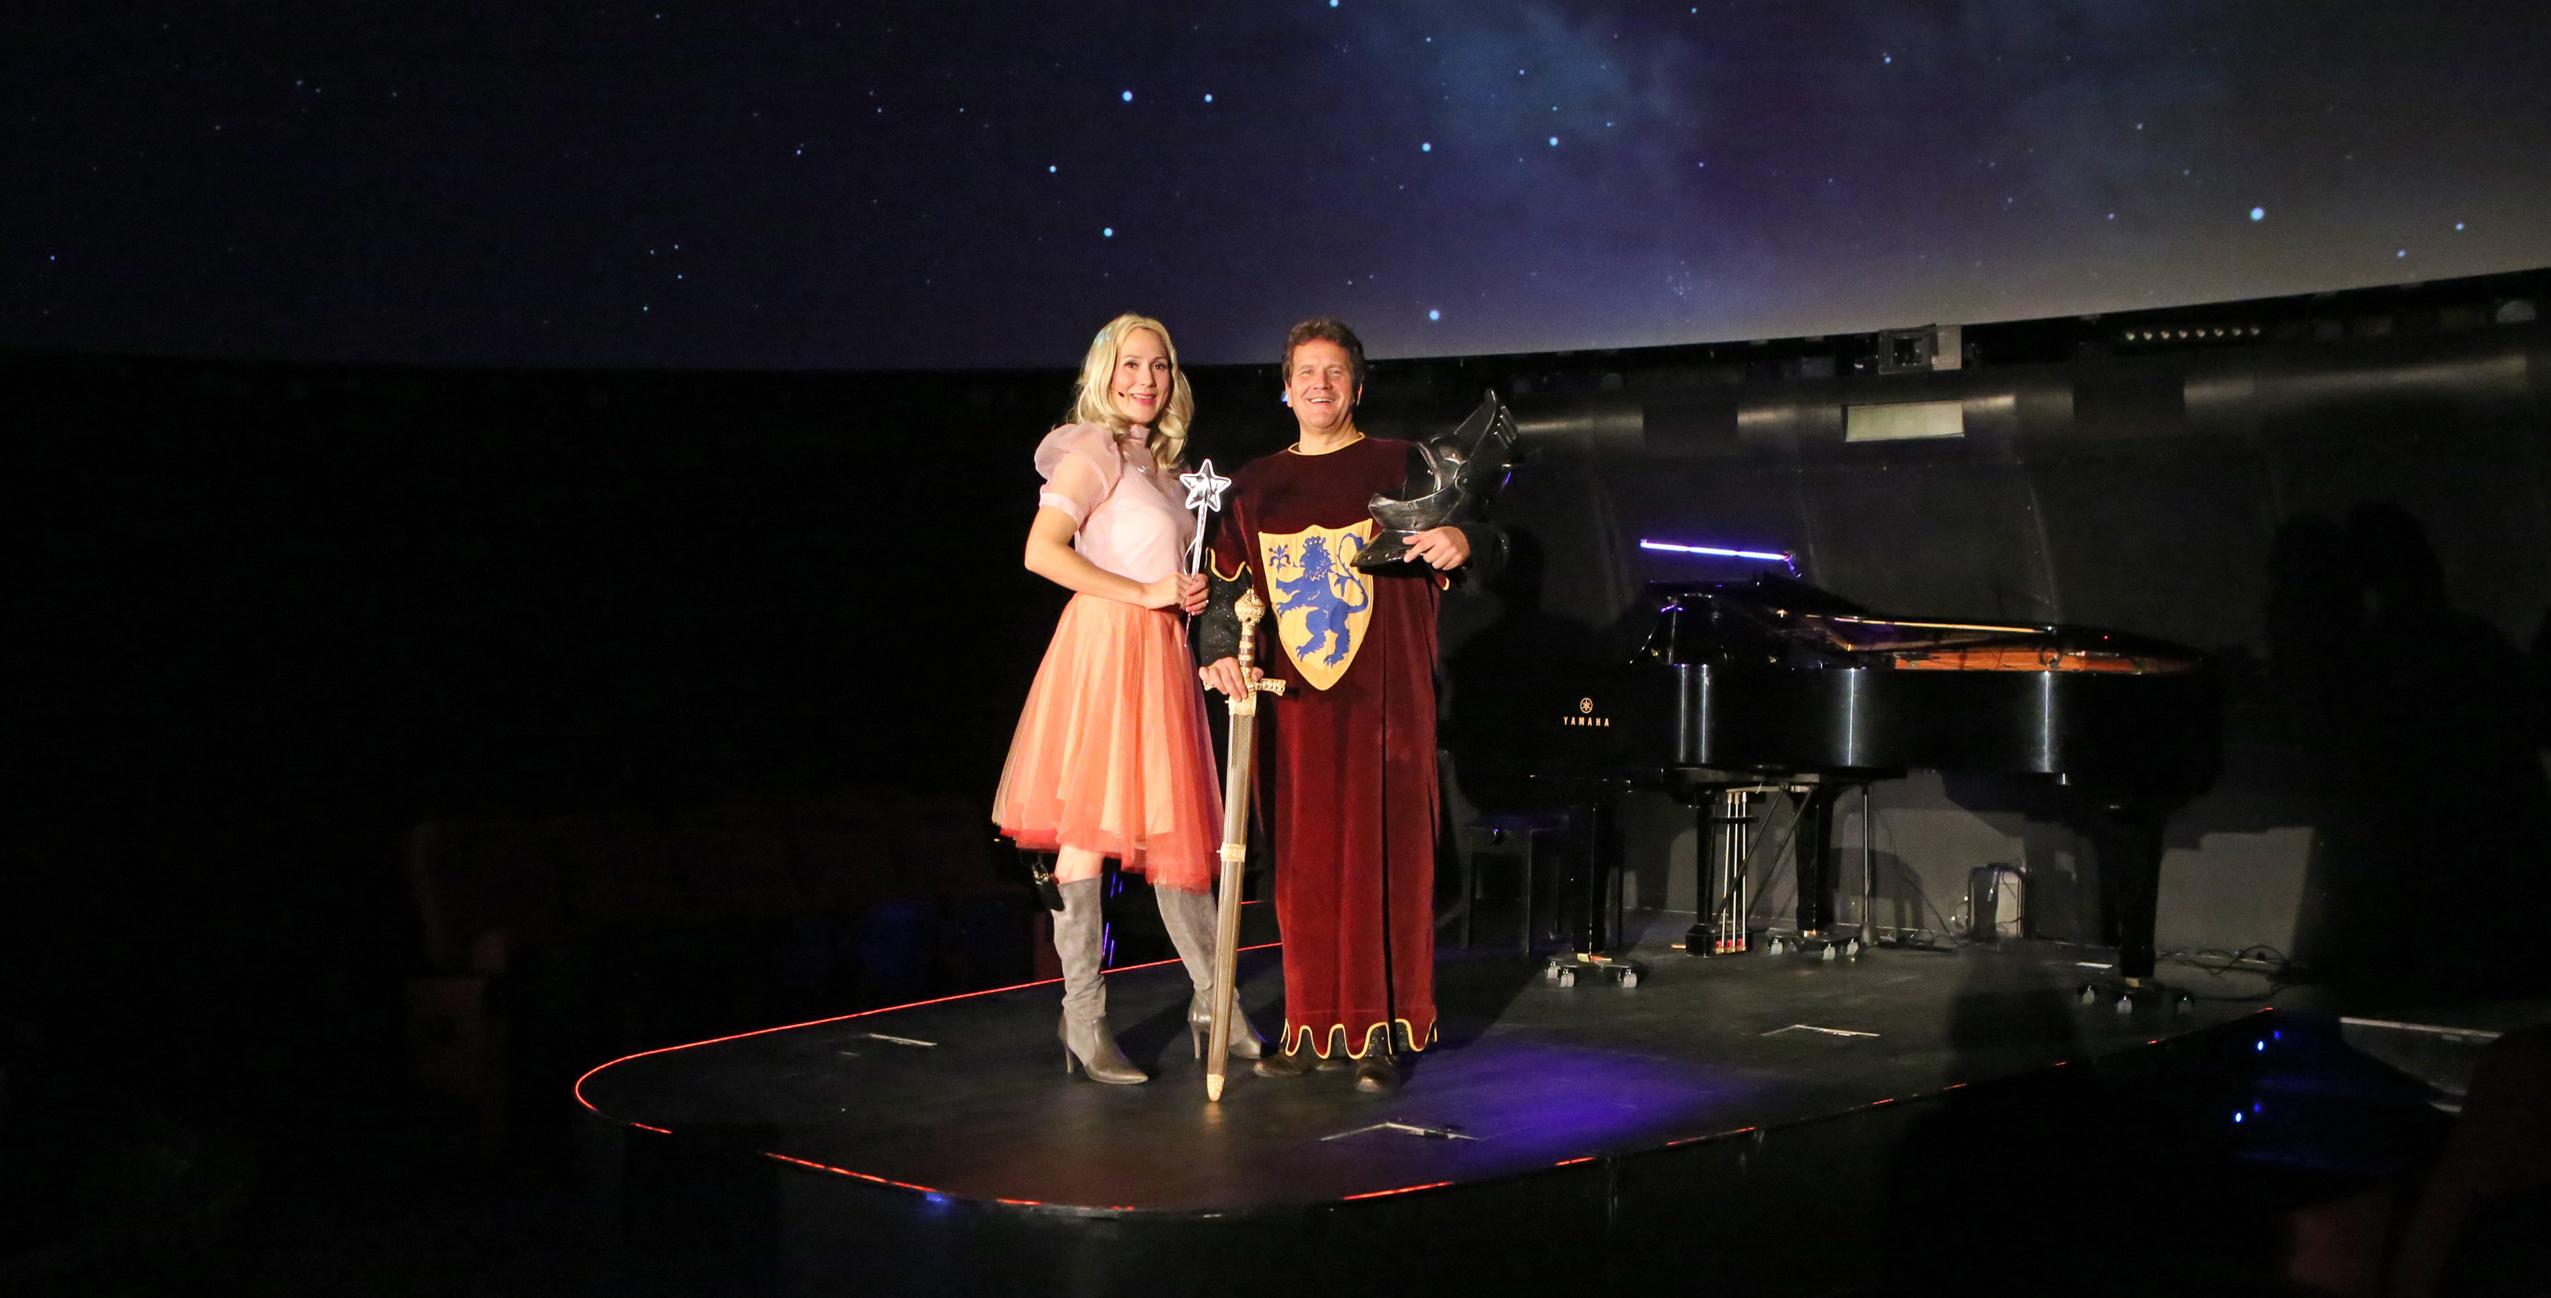 Die Sternenfee und der Mondritter im Planetarium Hamburg